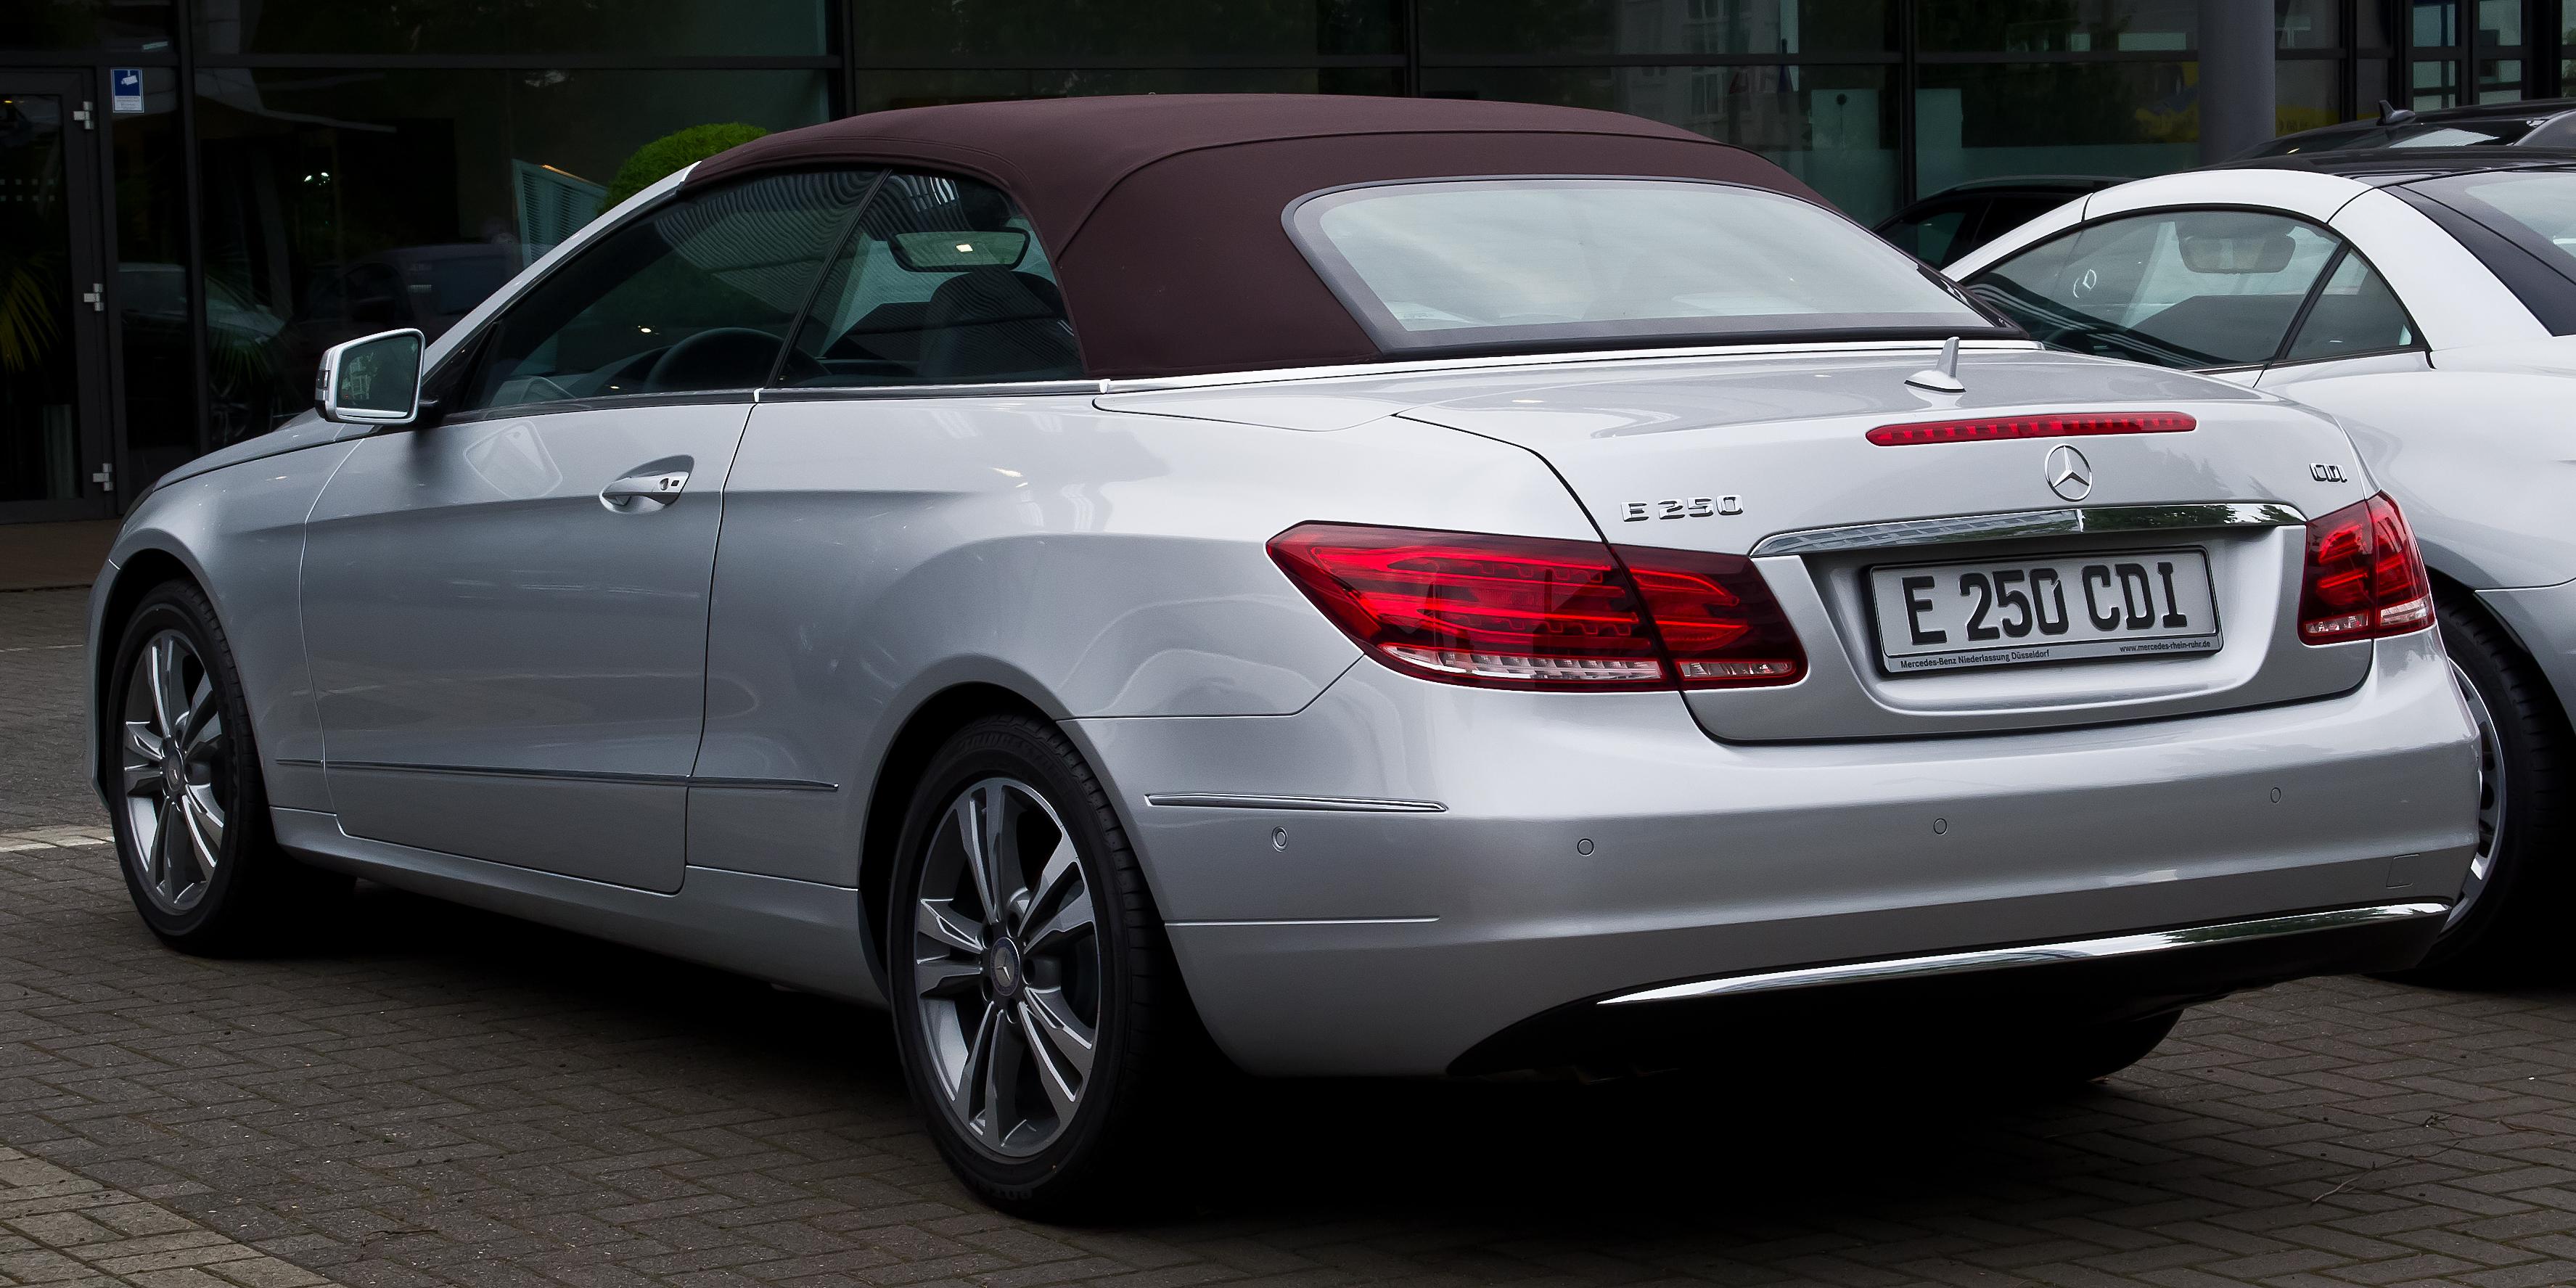 Mercedes E Class Price In Uae